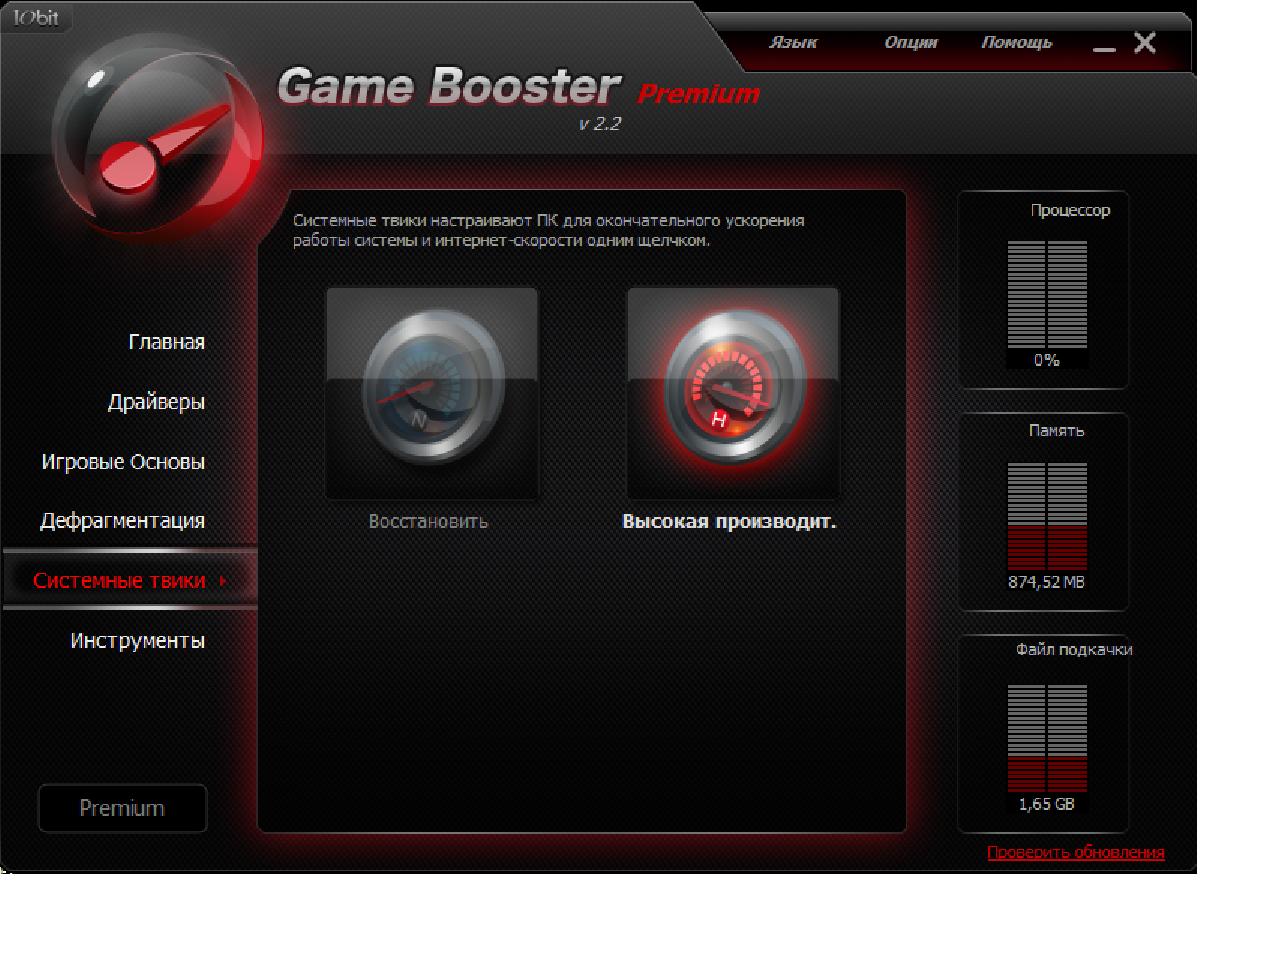 Скачать бесплатно Game Booster Premium v2.4 Final без регистрации.